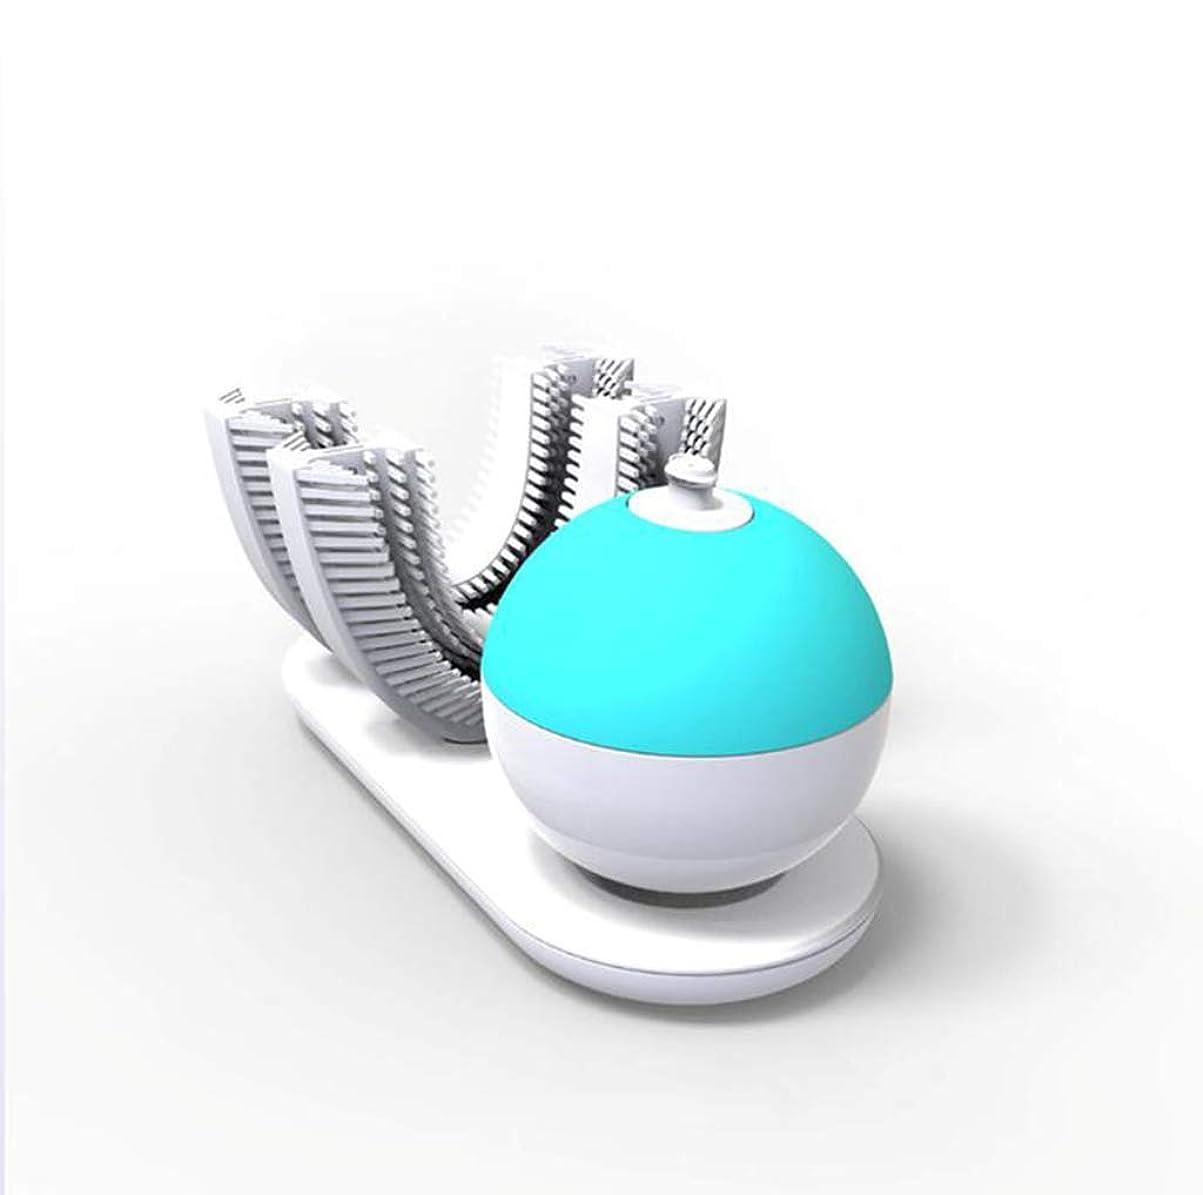 泣く牛故意に360度自動歯ブラシ、電動歯ブラシ、ビジネスの人々に適したワイヤレス充電式